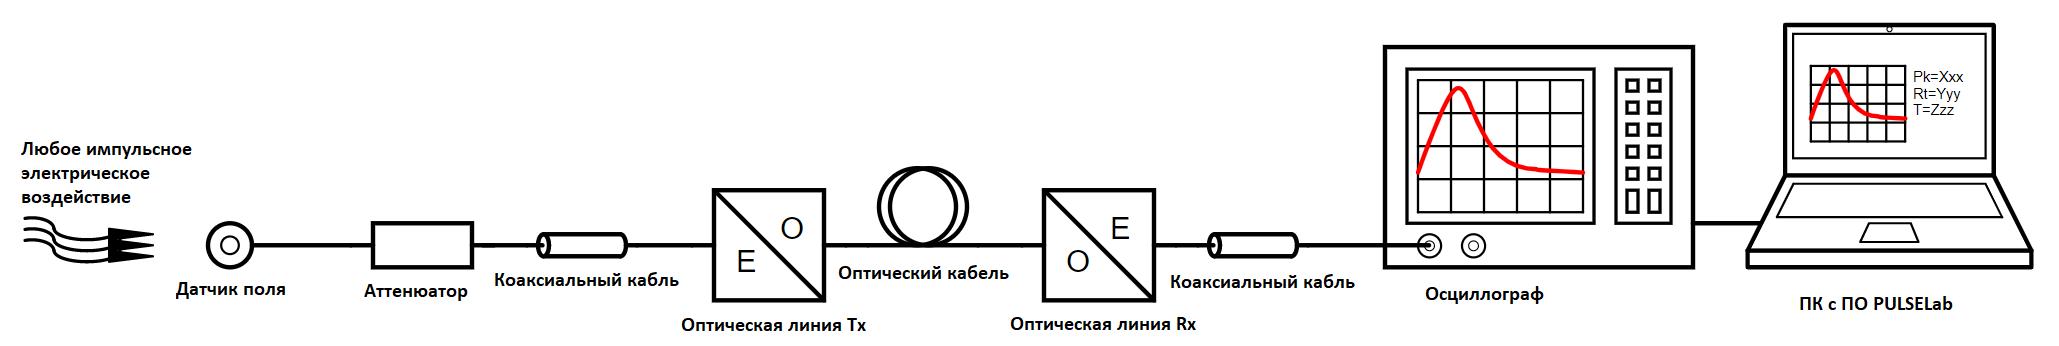 Пример схемы измерения